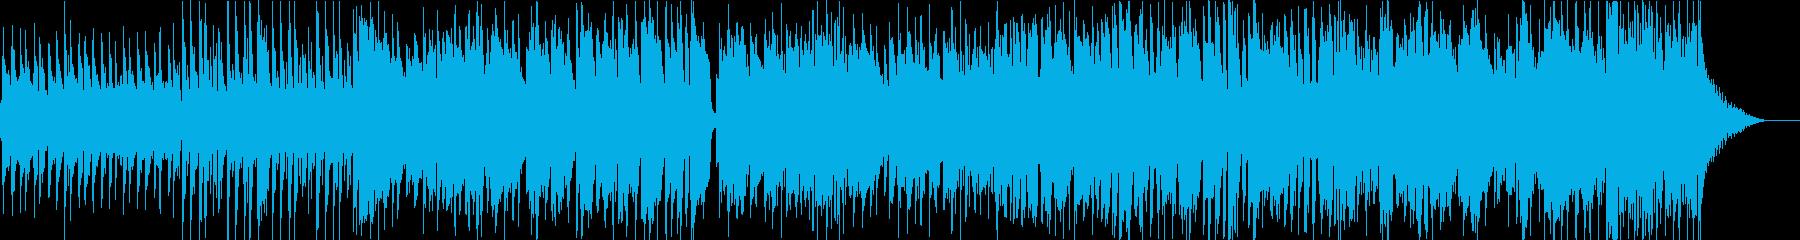 風音が聞こえるかのような疾走感漂うポップの再生済みの波形